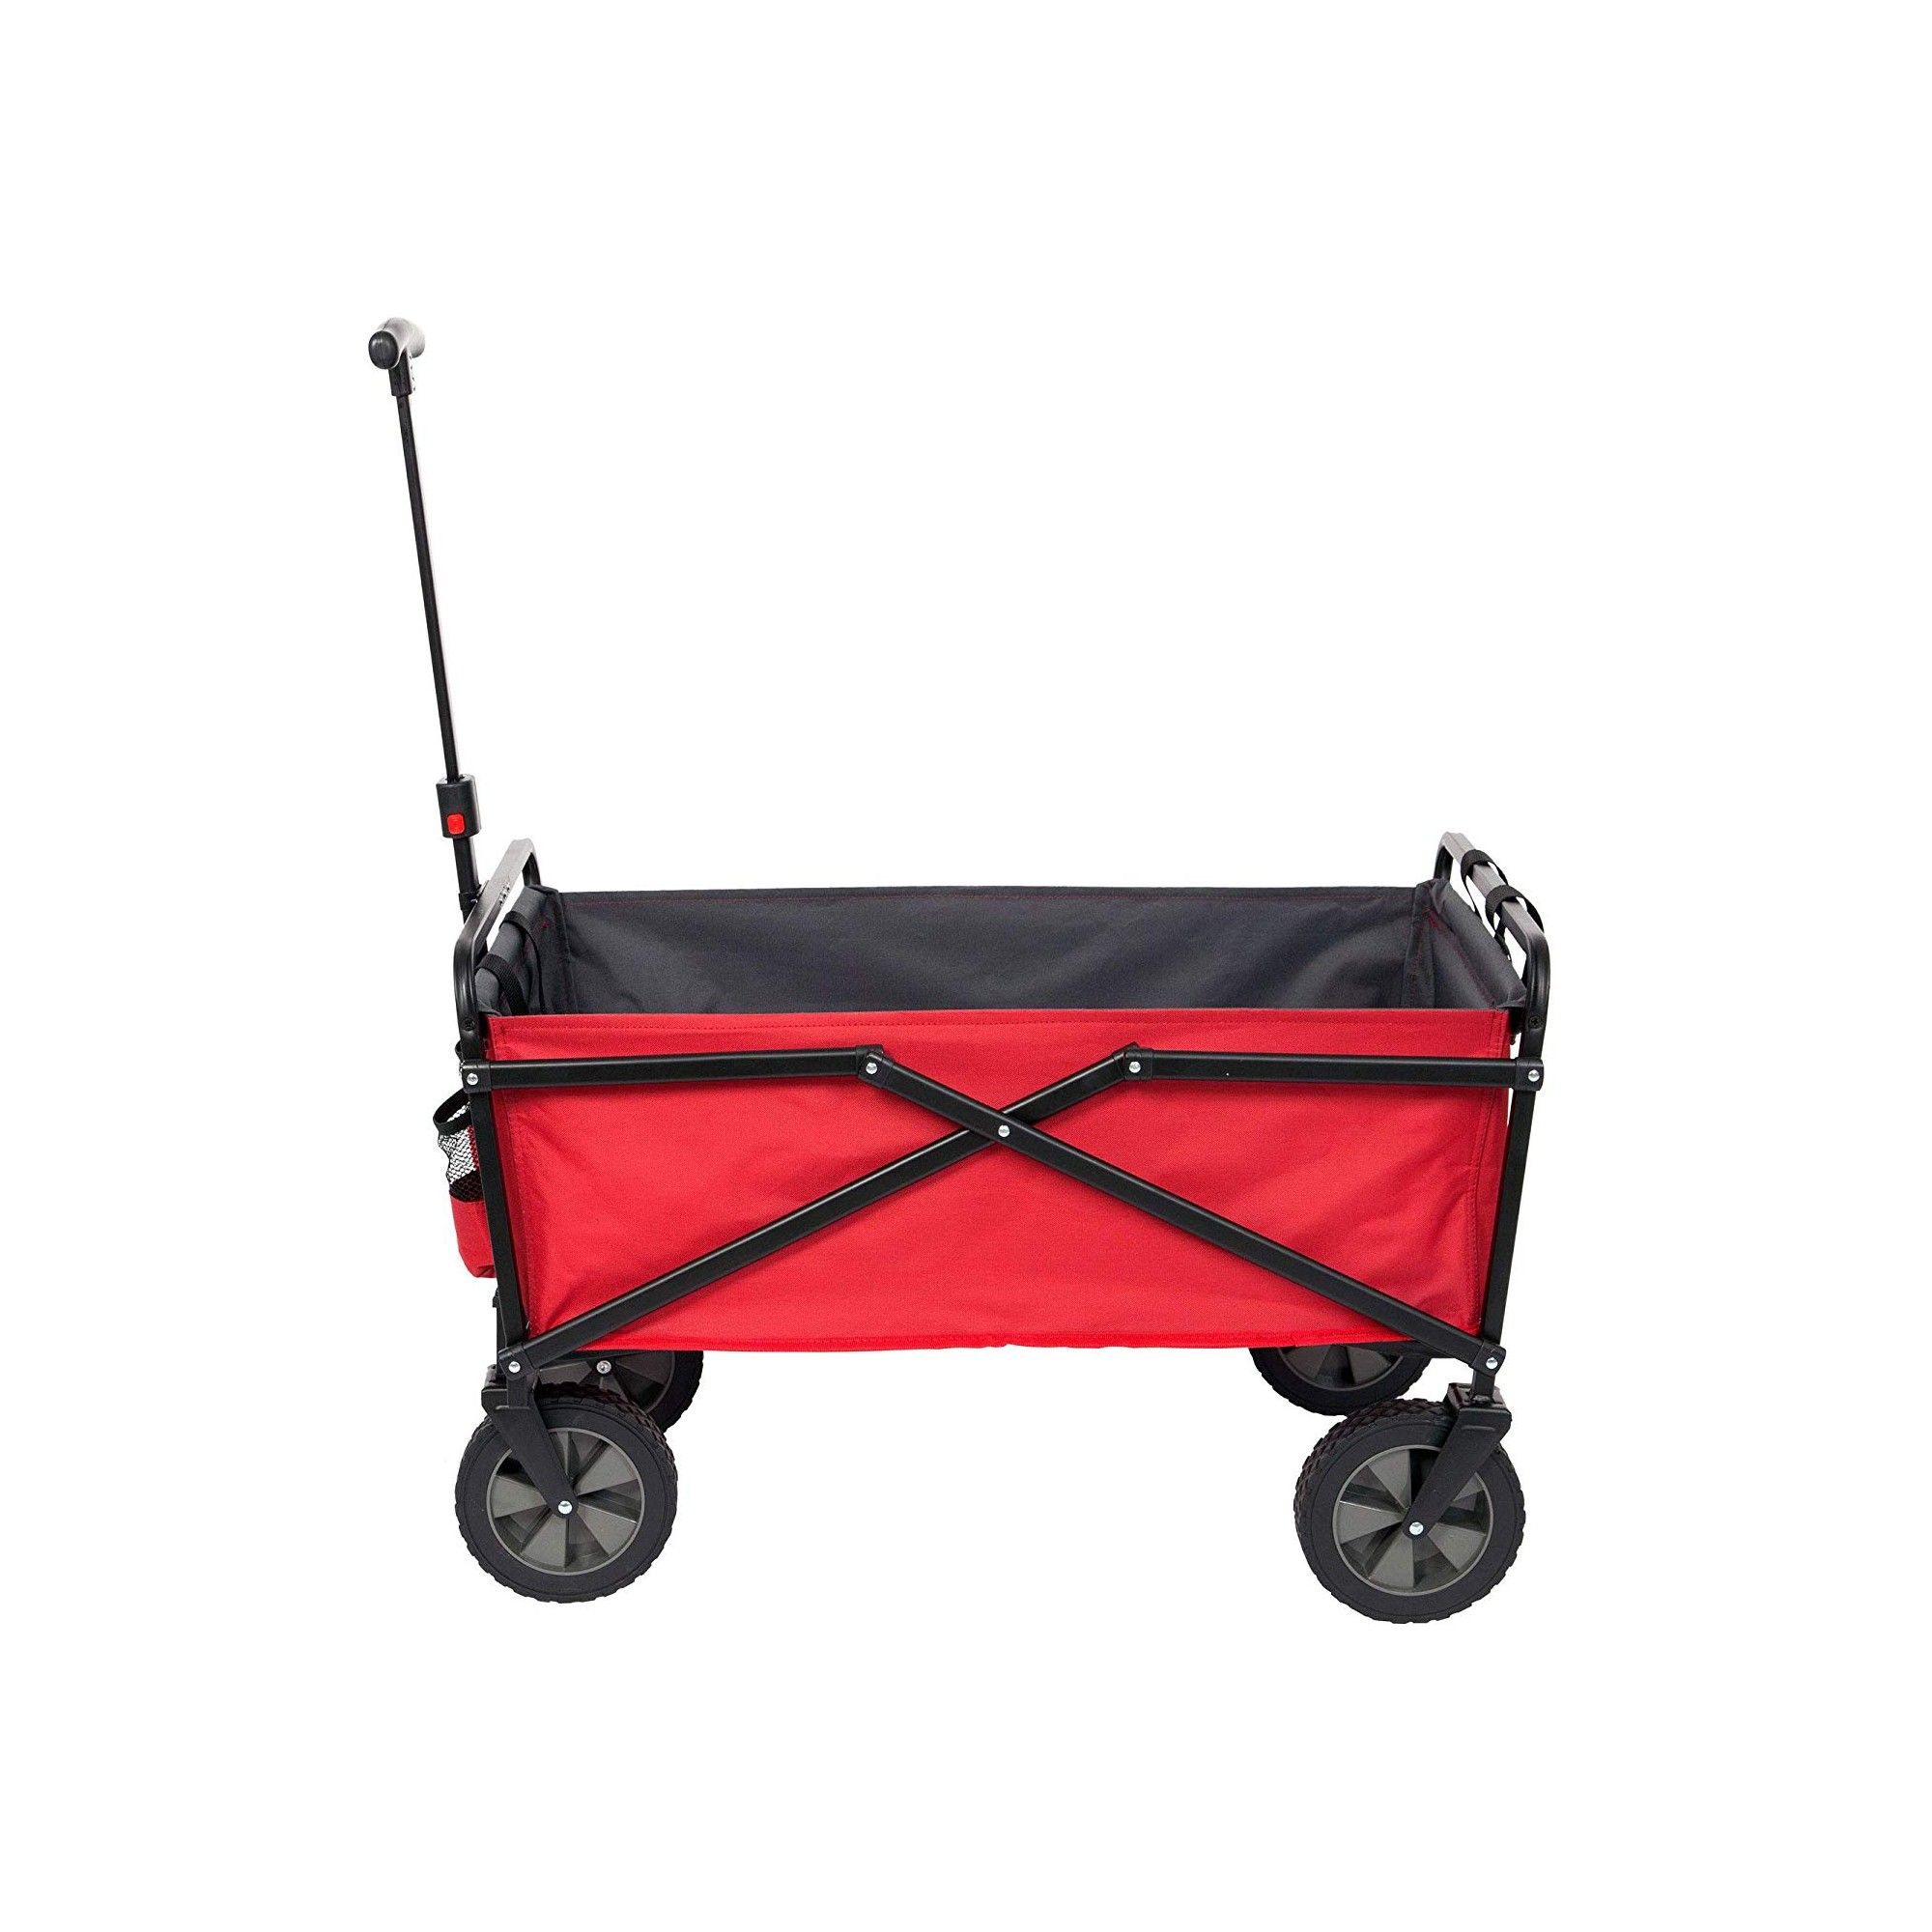 Seina 150 Pound Capacity Portable Folding Steel Wagon Outdoor